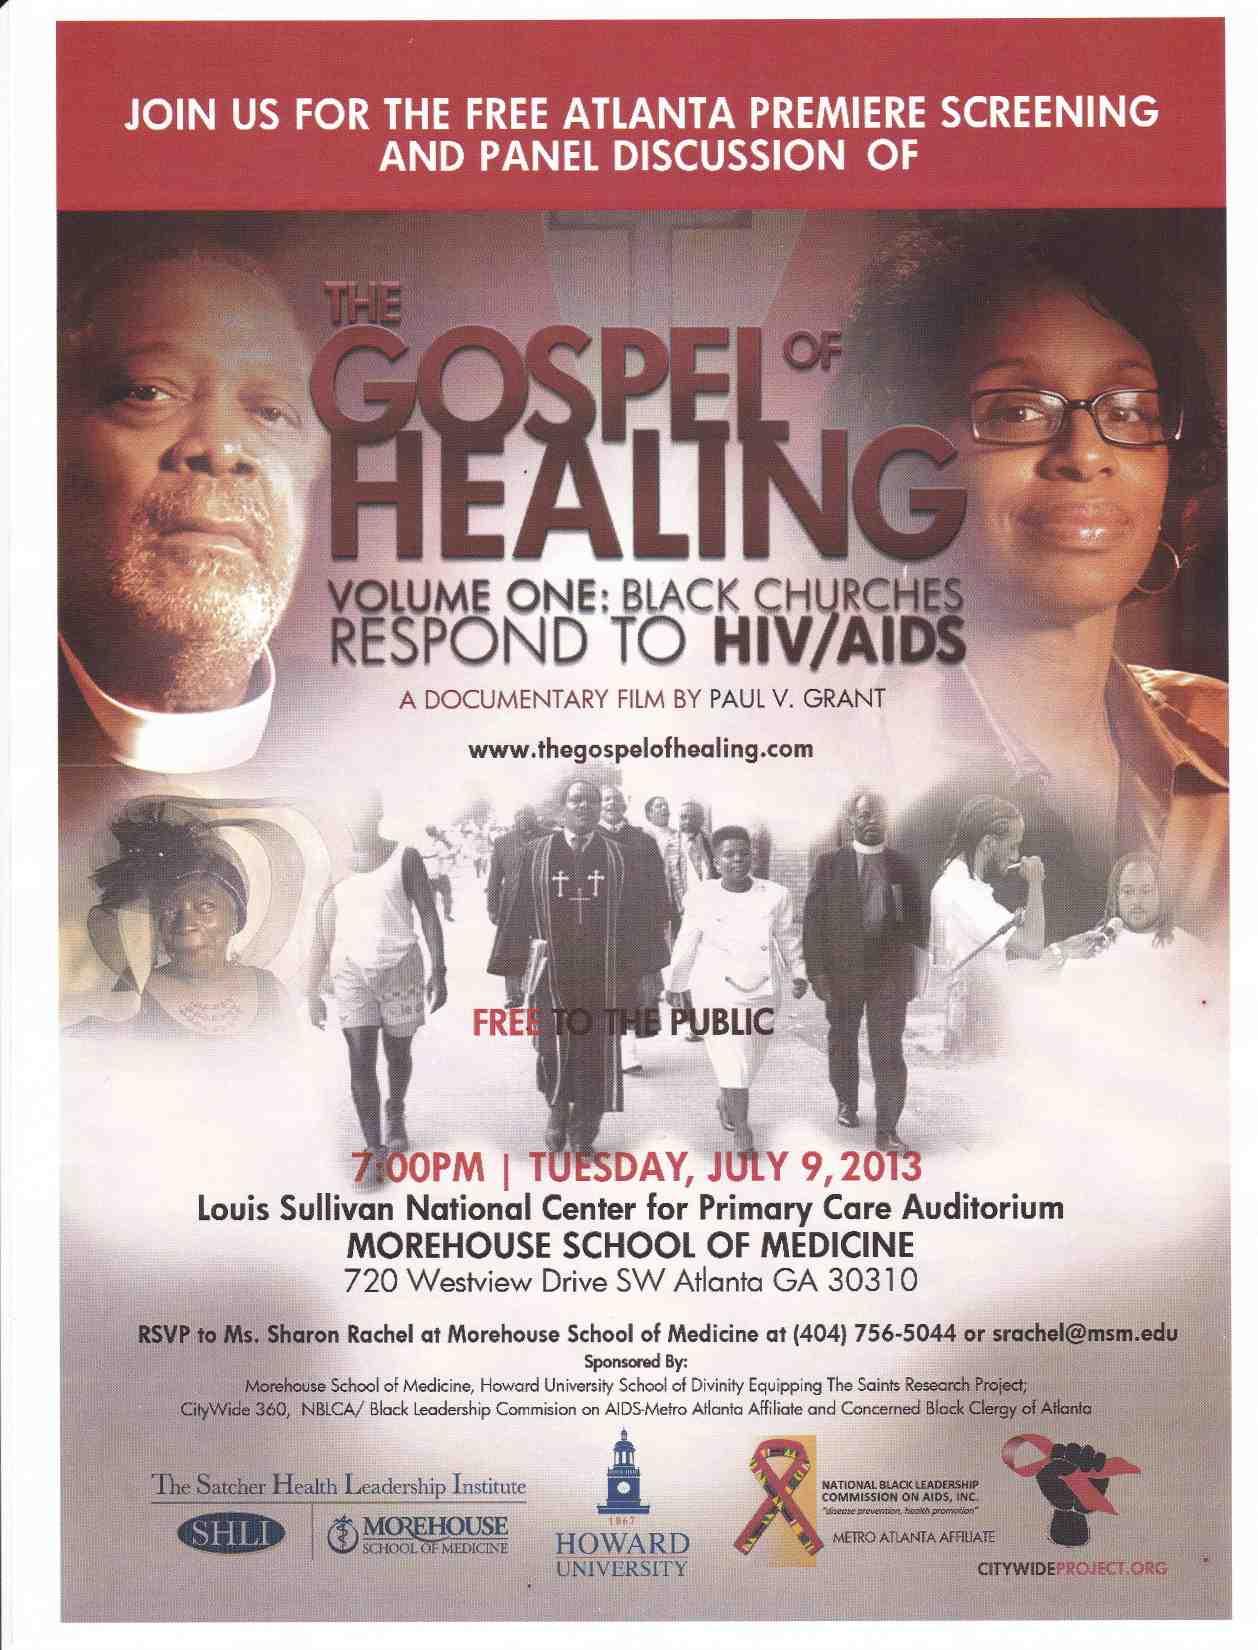 Free Screening at Morehouse School of Medicine: Gospel of